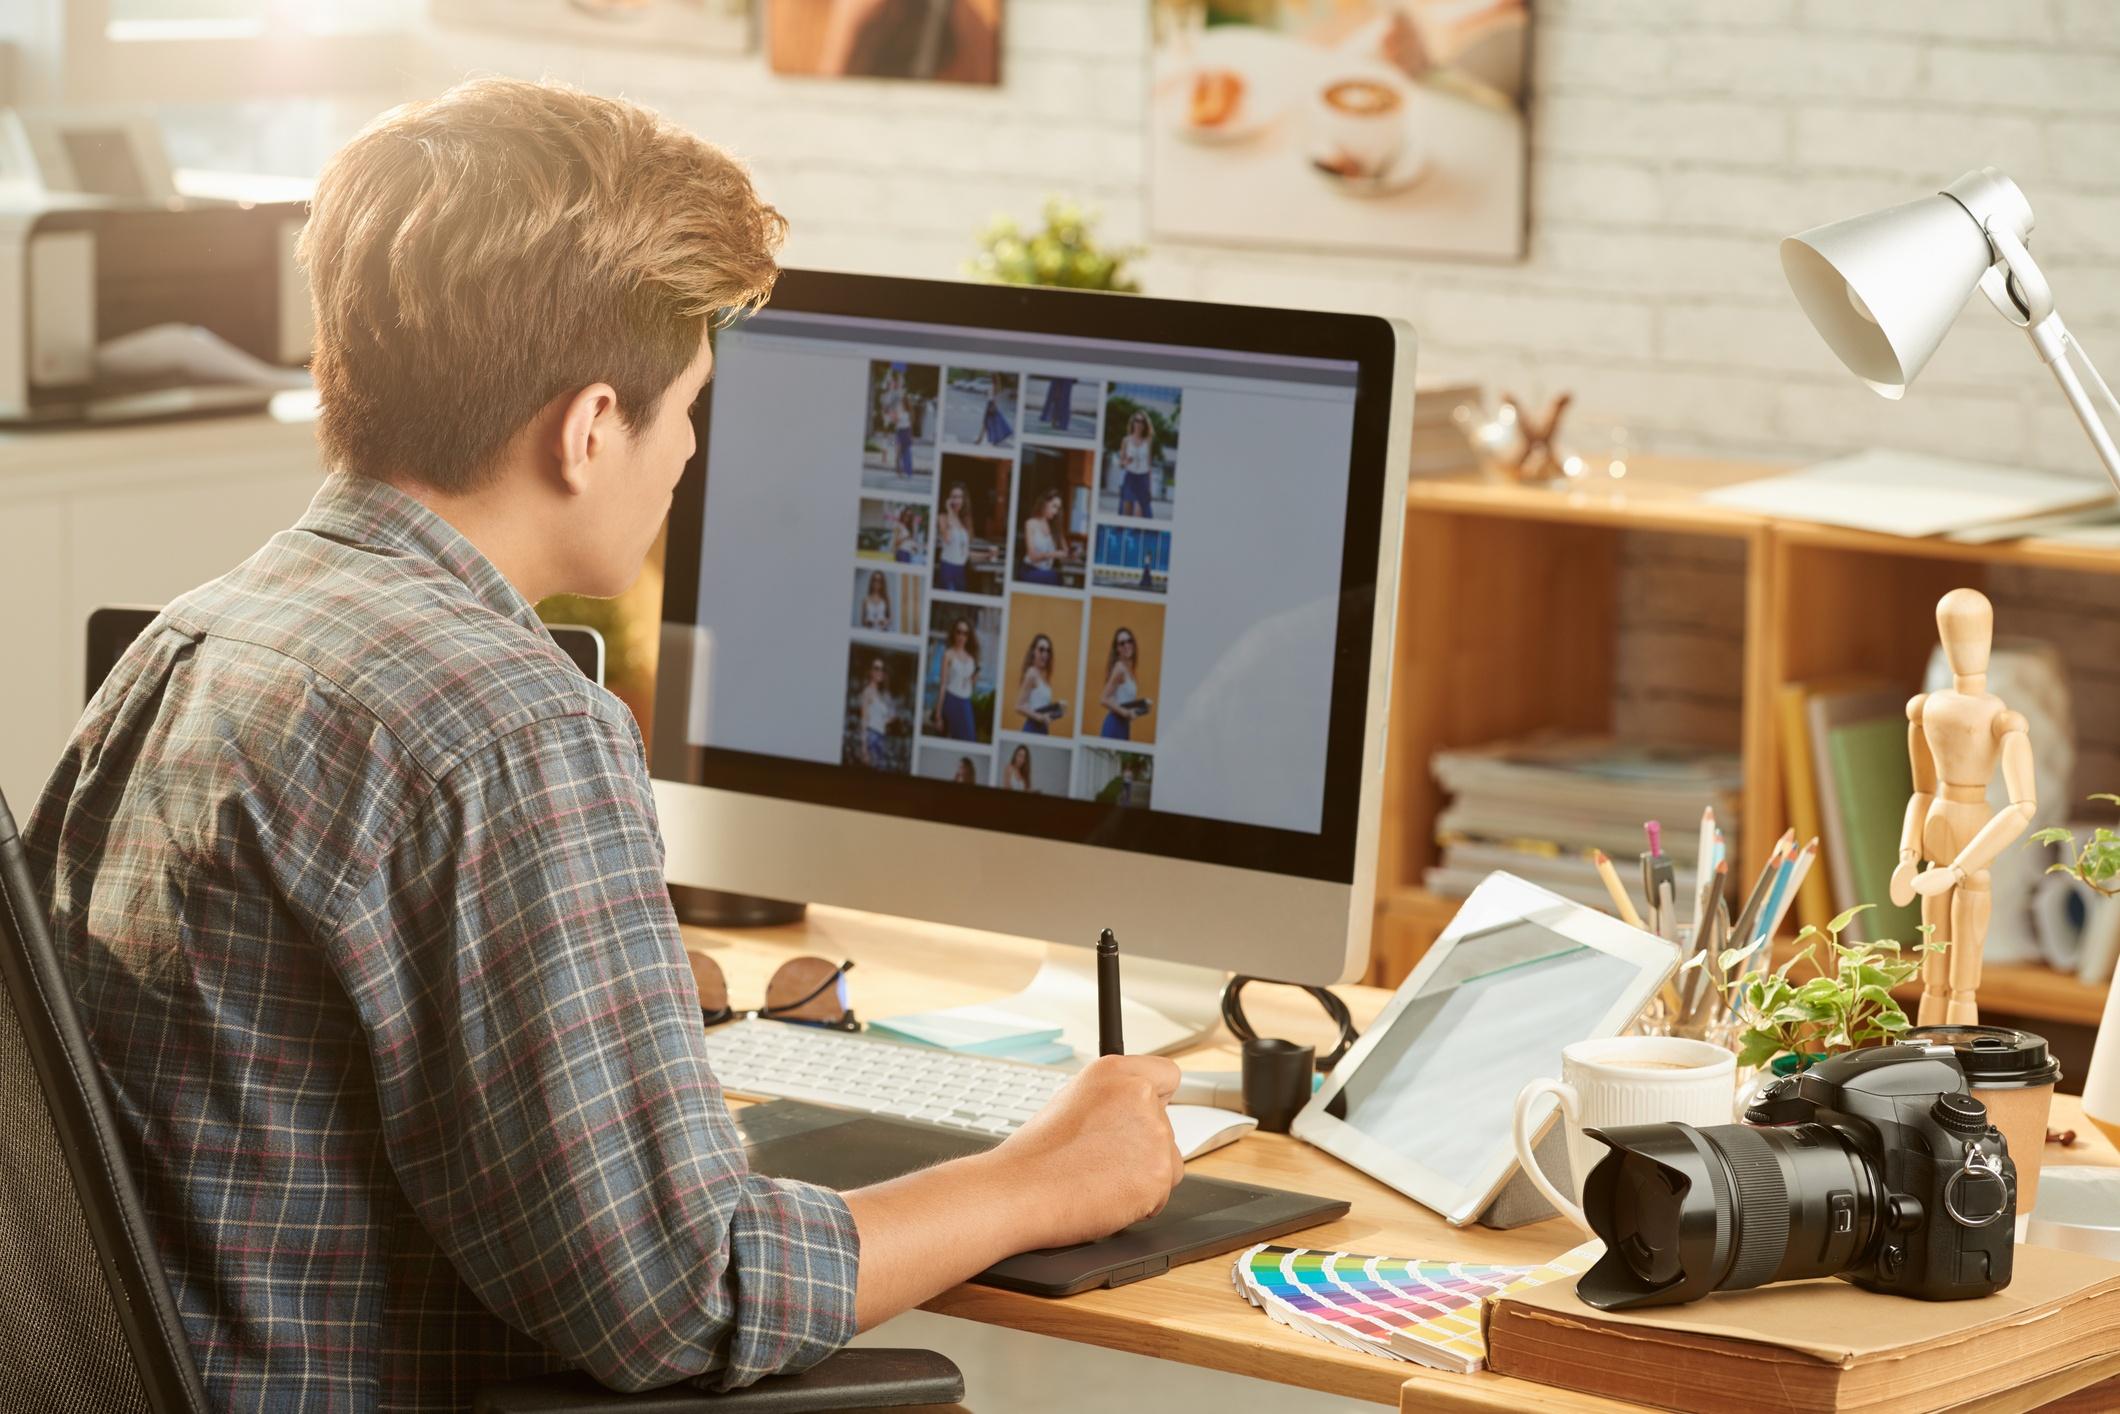 6Servicios fundamentales de marketing de contenidos que tu agencia puede ofrecer